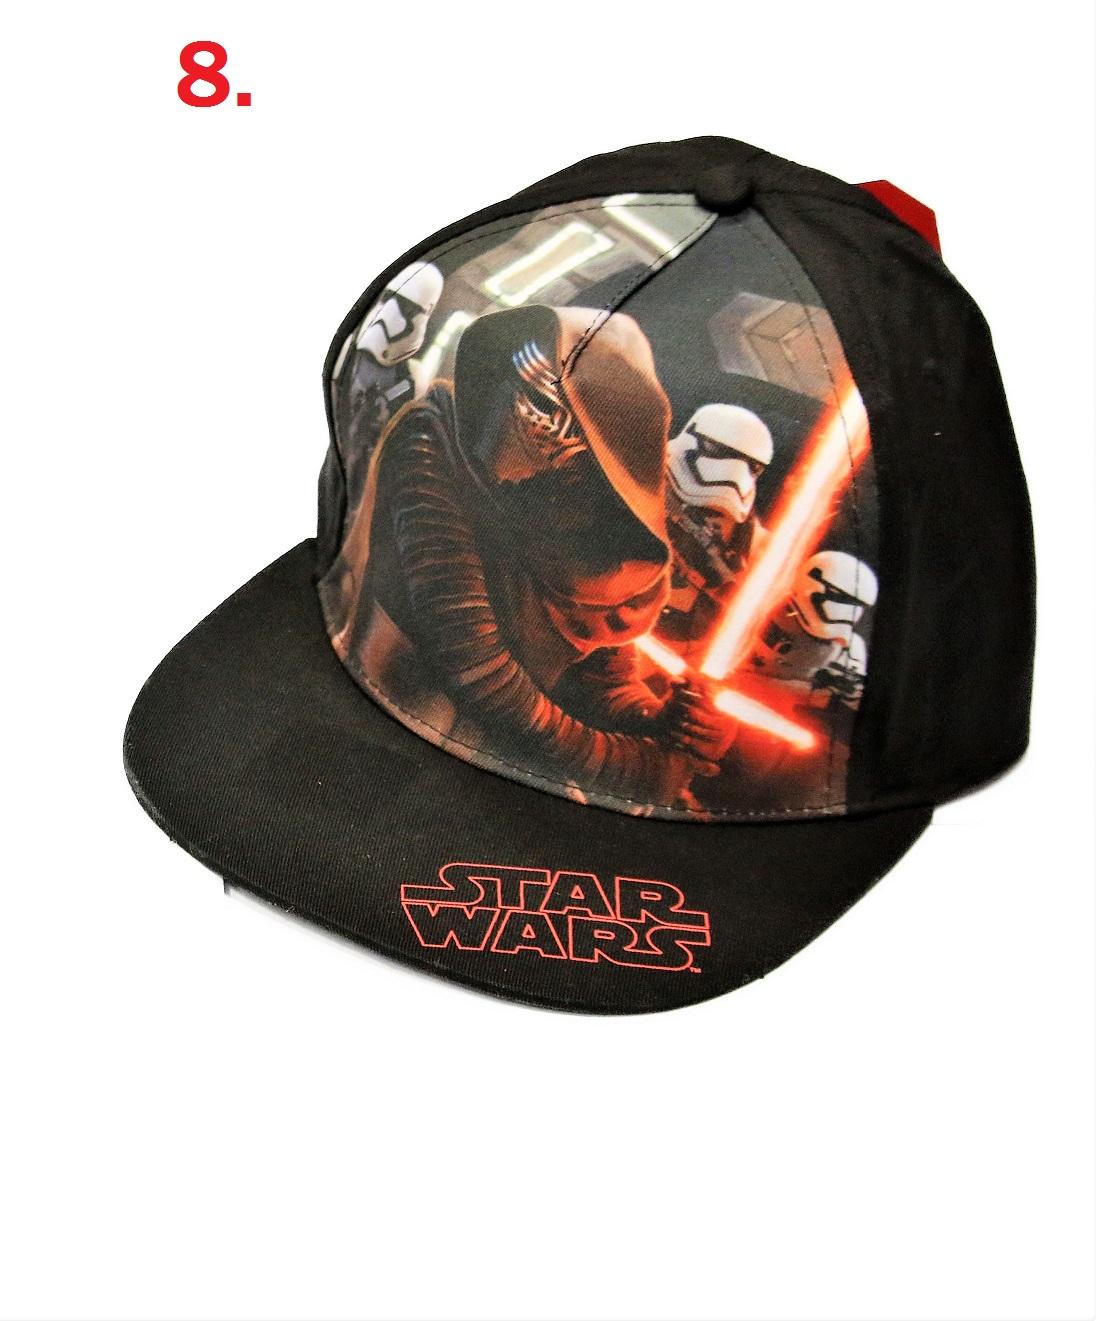 Star Wars czapka z daszkiem 56 cm DISNEY HIP HOP